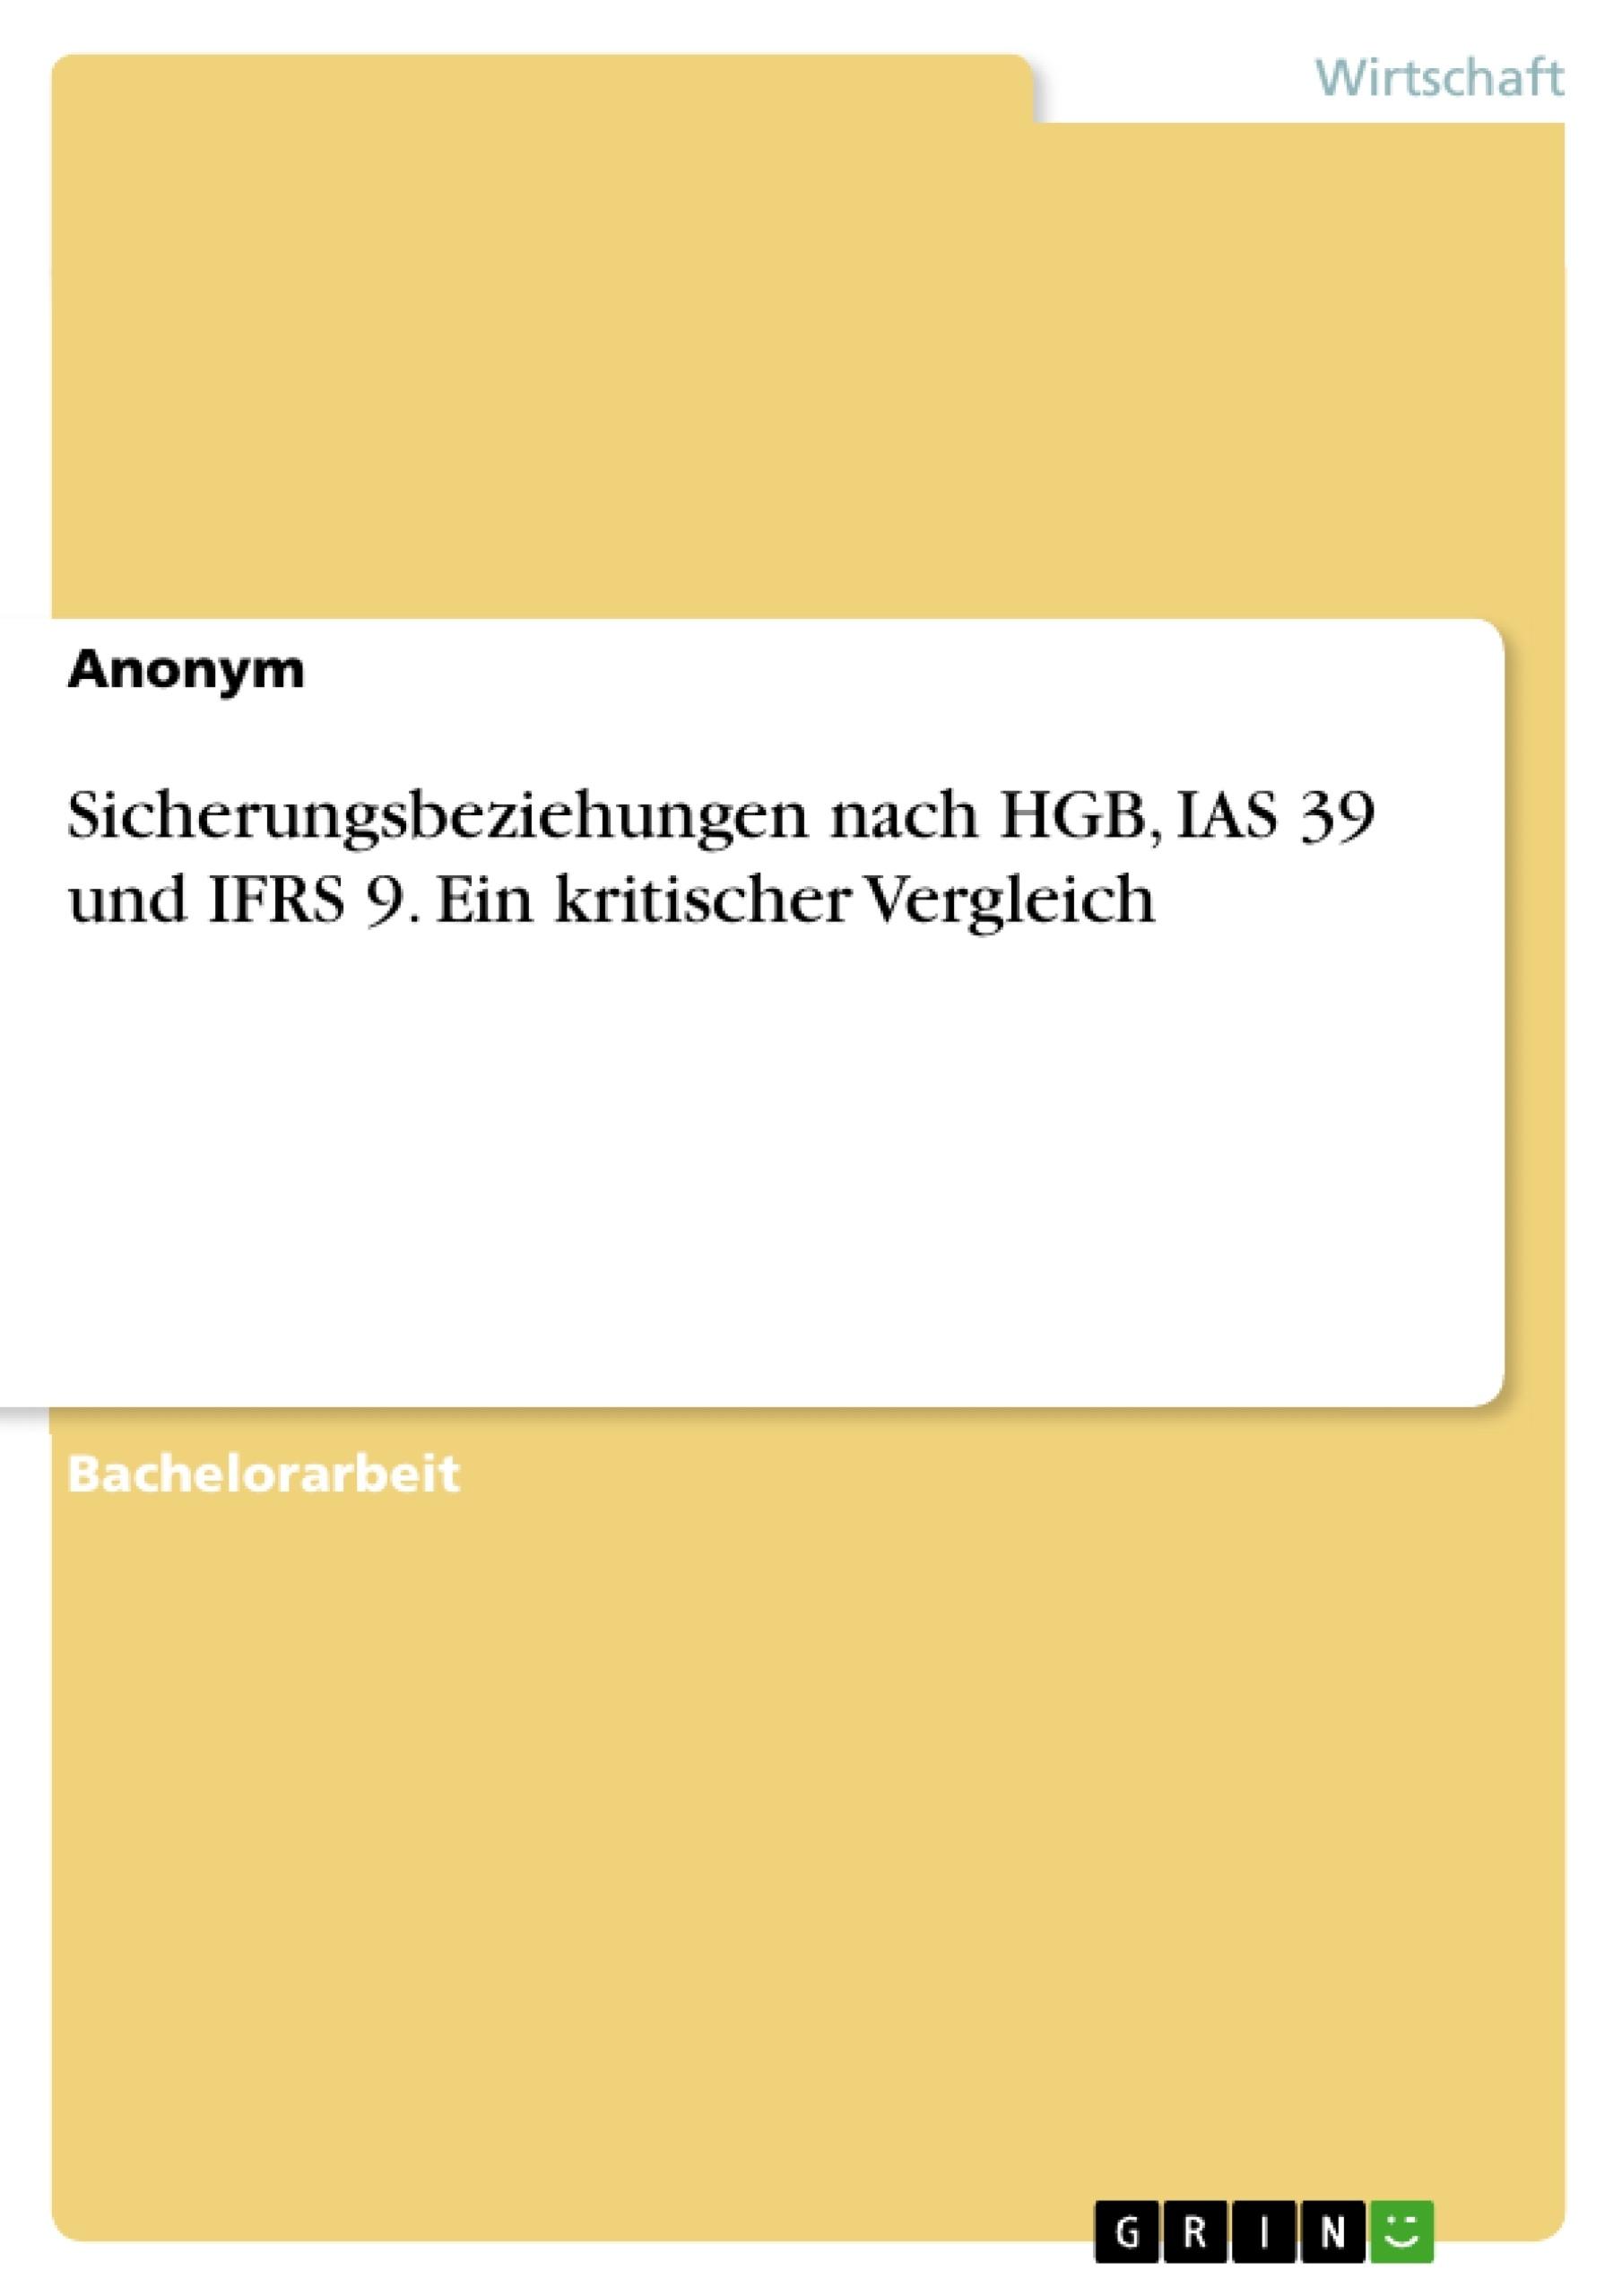 Titel: Sicherungsbeziehungen nach HGB, IAS 39 und IFRS 9. Ein kritischer Vergleich